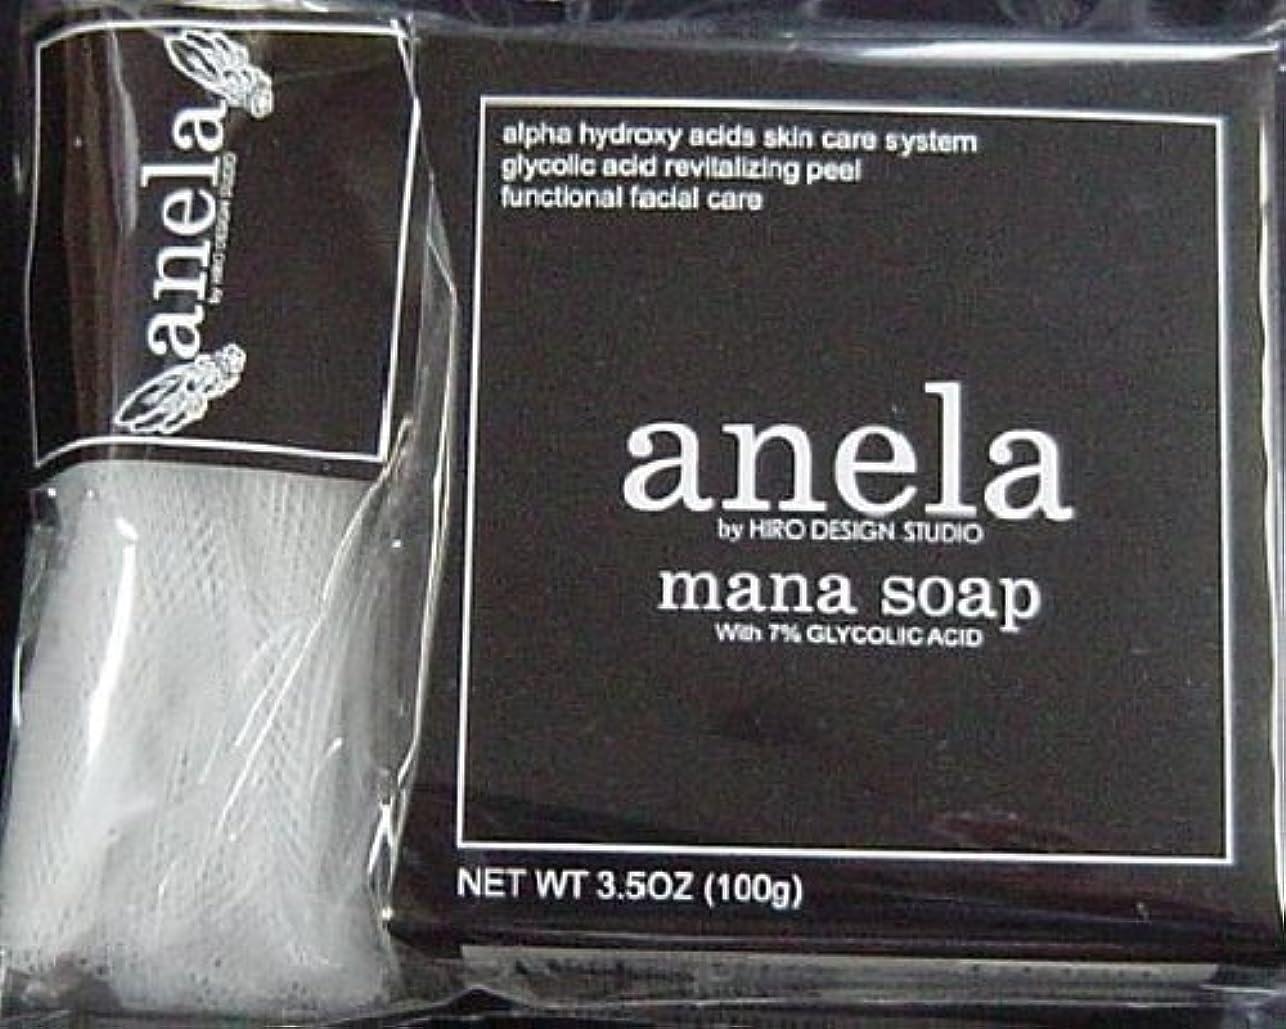 手荷物早熟冷酷なanela アネラ マナソープ(泡立てネット付き) 100g ×3個セット